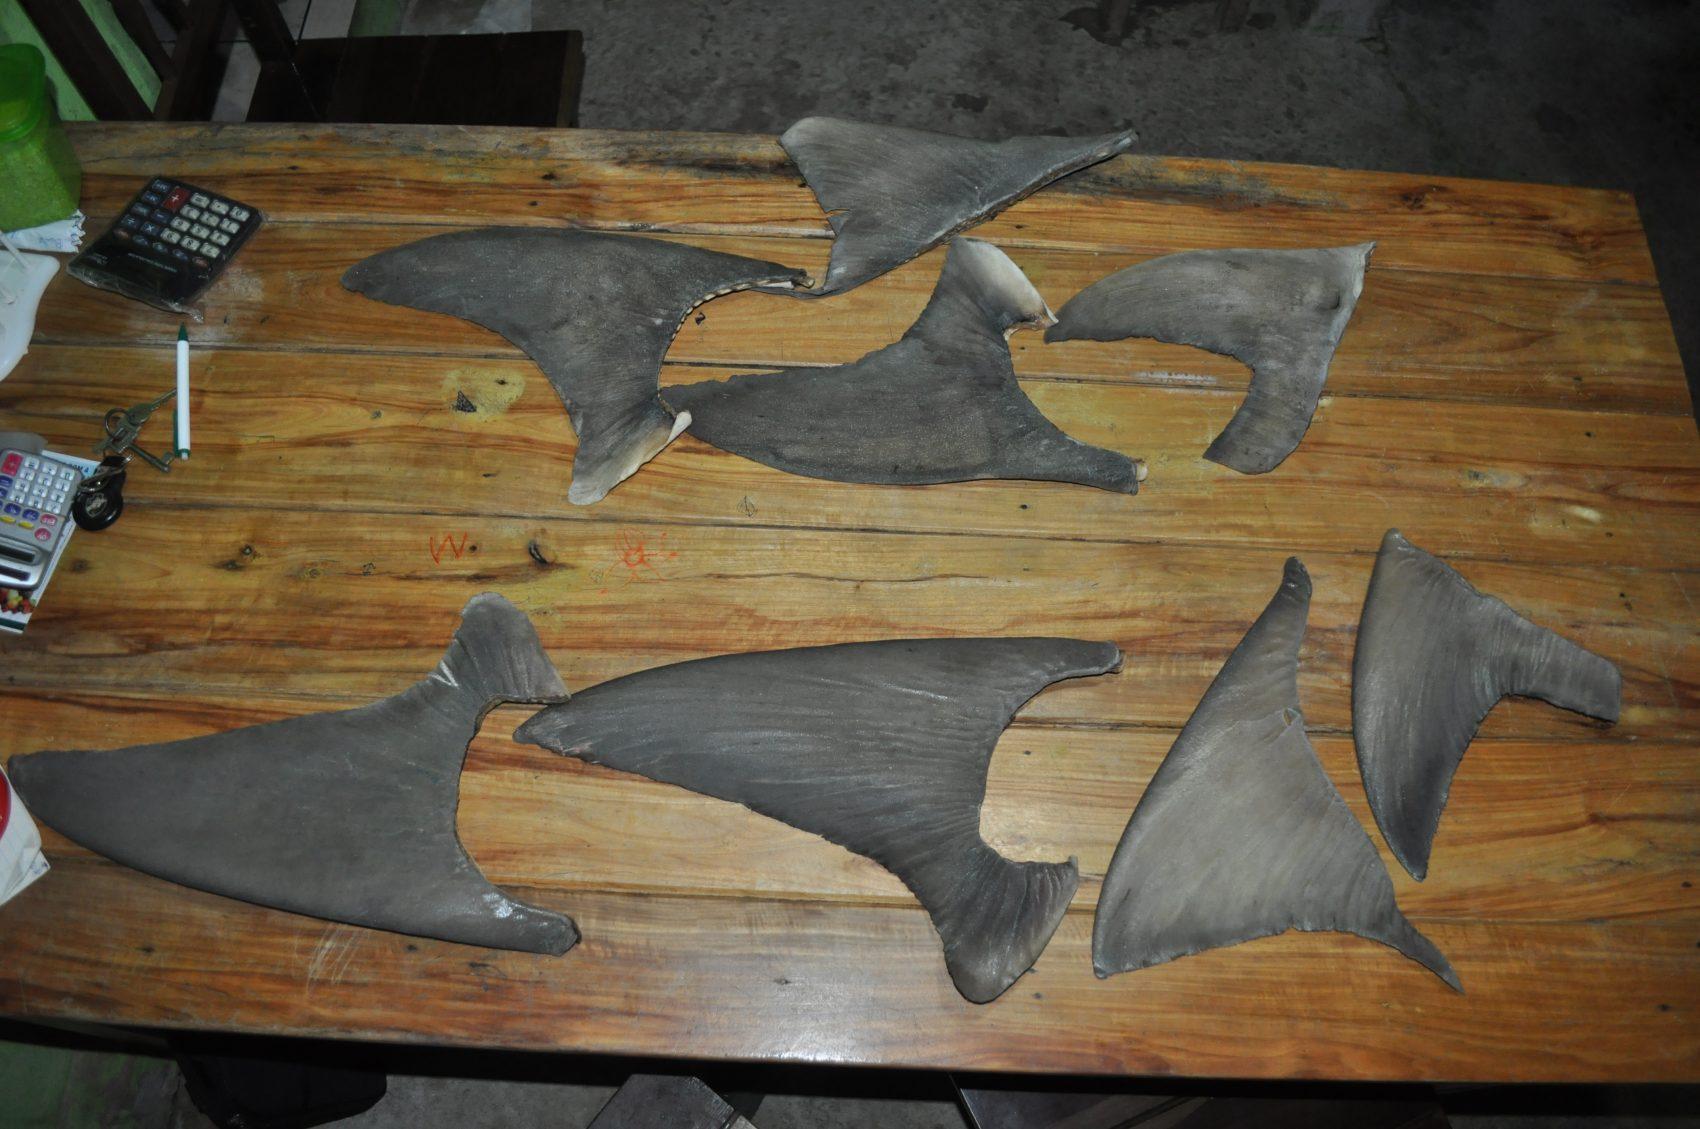 Barbatanas dos tubarões retiradas para comercialização: venda ilegal (Foto: Arquivo Pessoal Jorge NUnes)